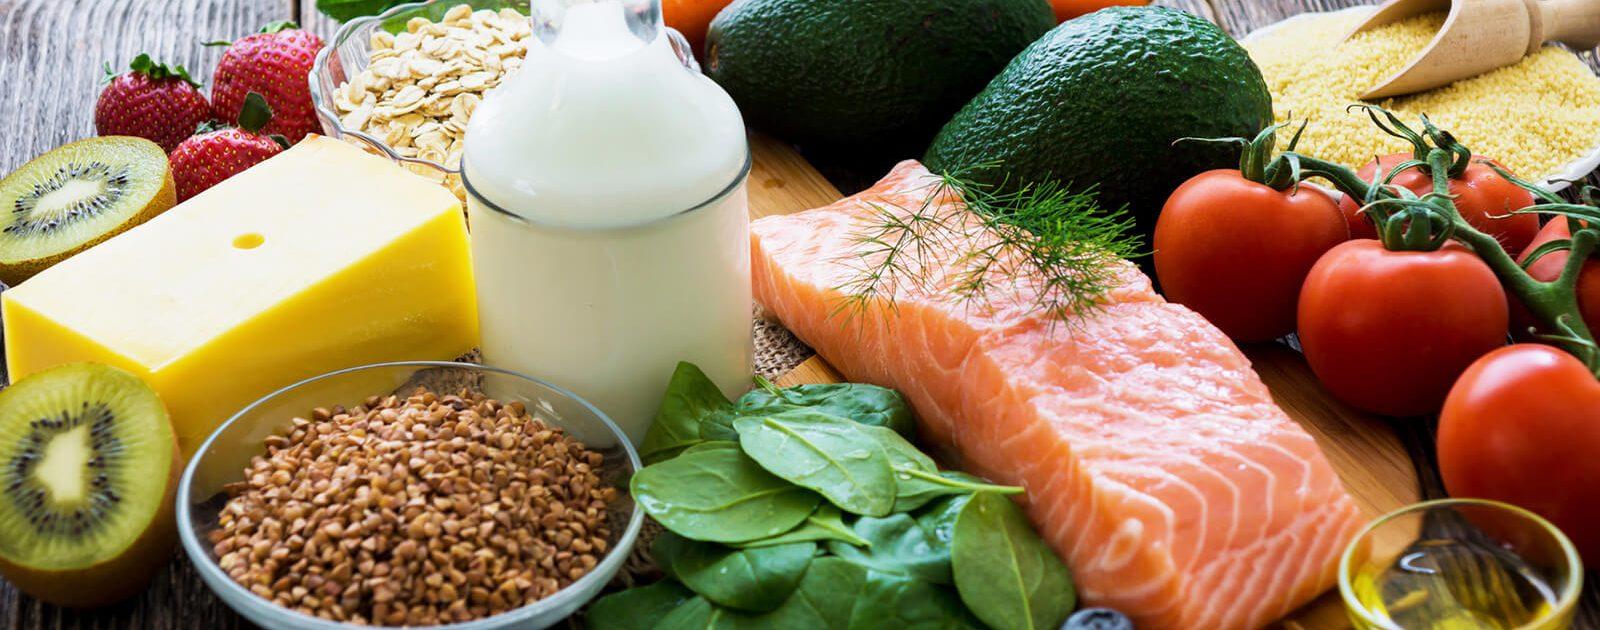 Verschiedene Lebensmittel, die das Vorkommen von Vitamin B 12 symbolisieren.